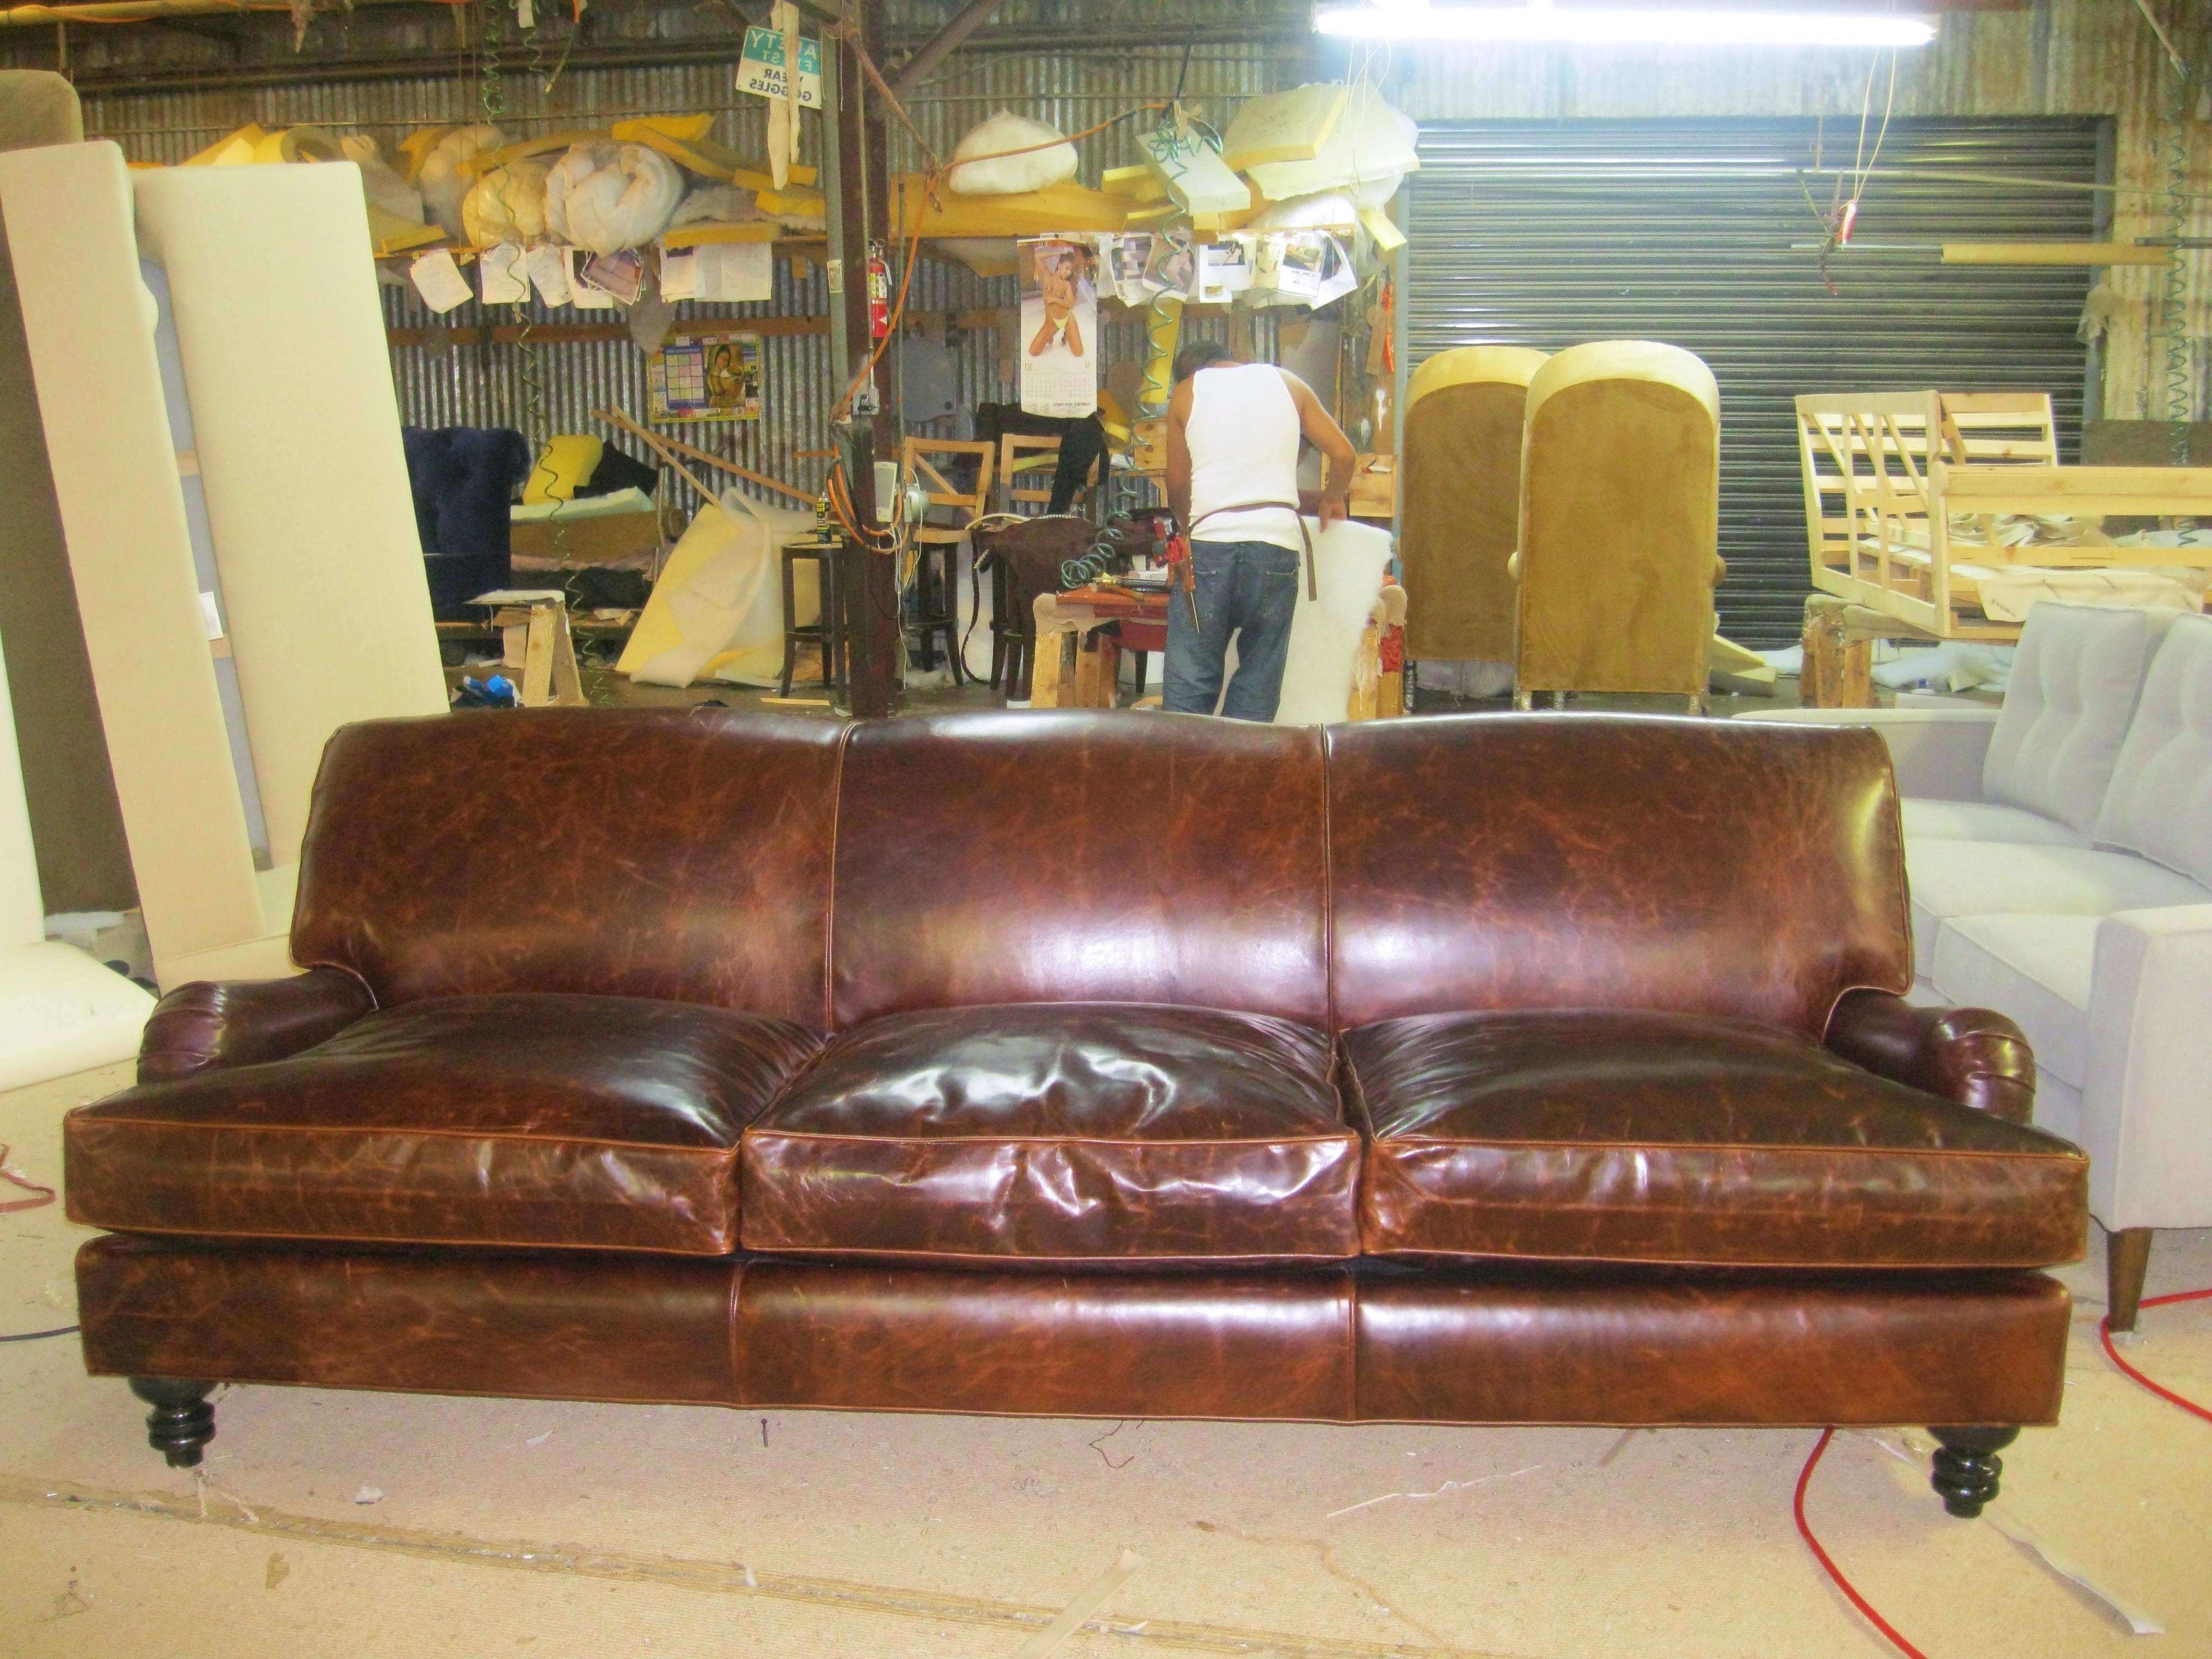 Well Known Craigslist Leather Sofa – Mforum Pertaining To Craigslist Leather Sofas (View 8 of 20)